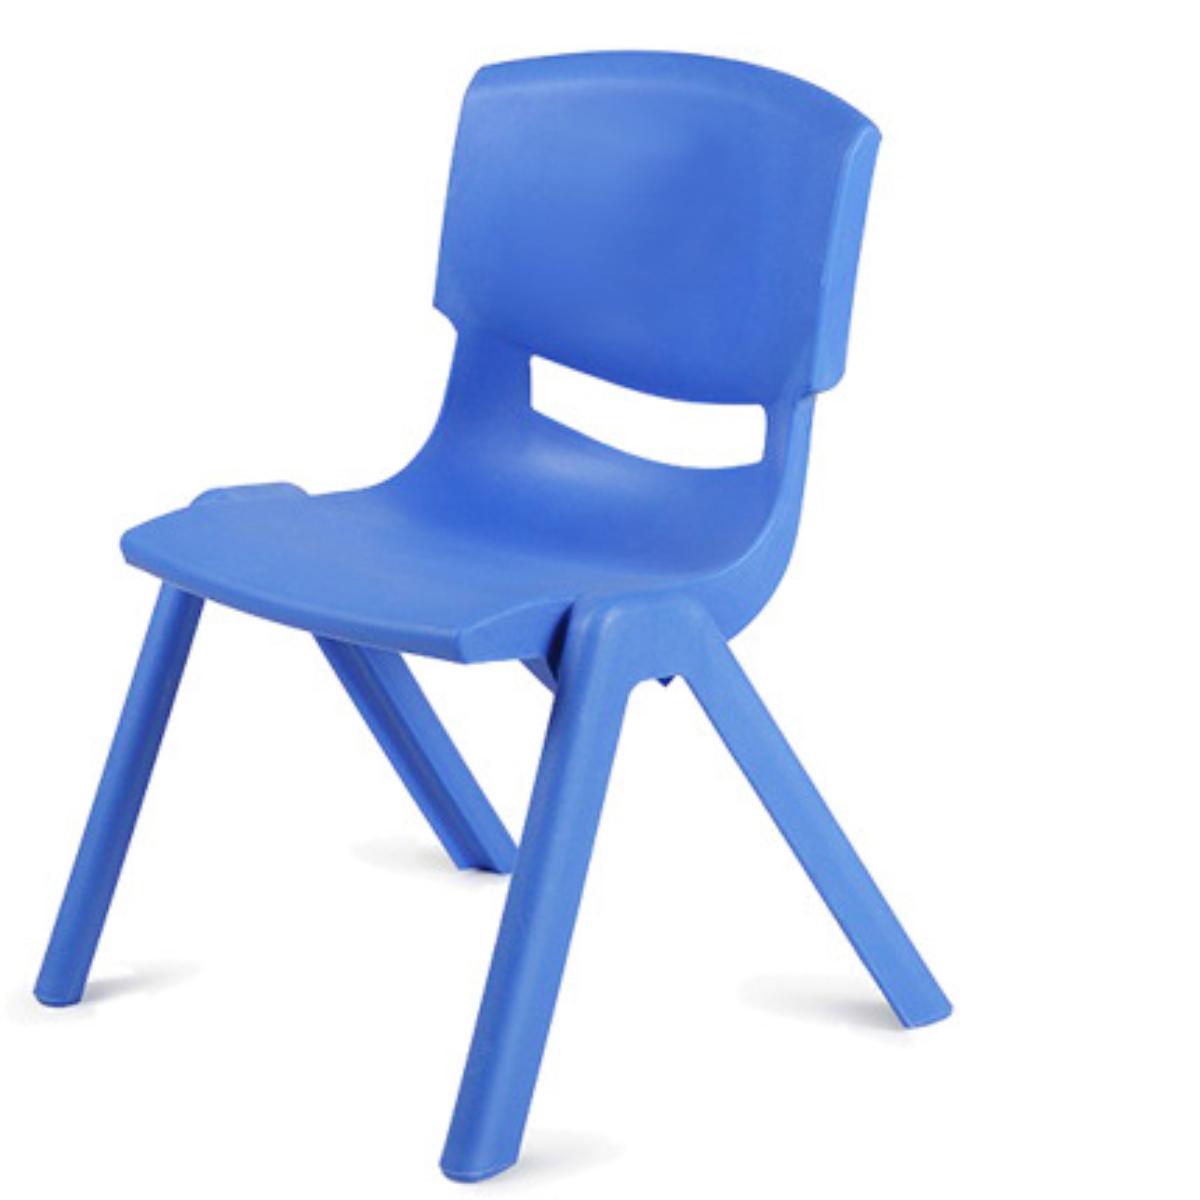 כיסא תלמיד בגובה 40 ס